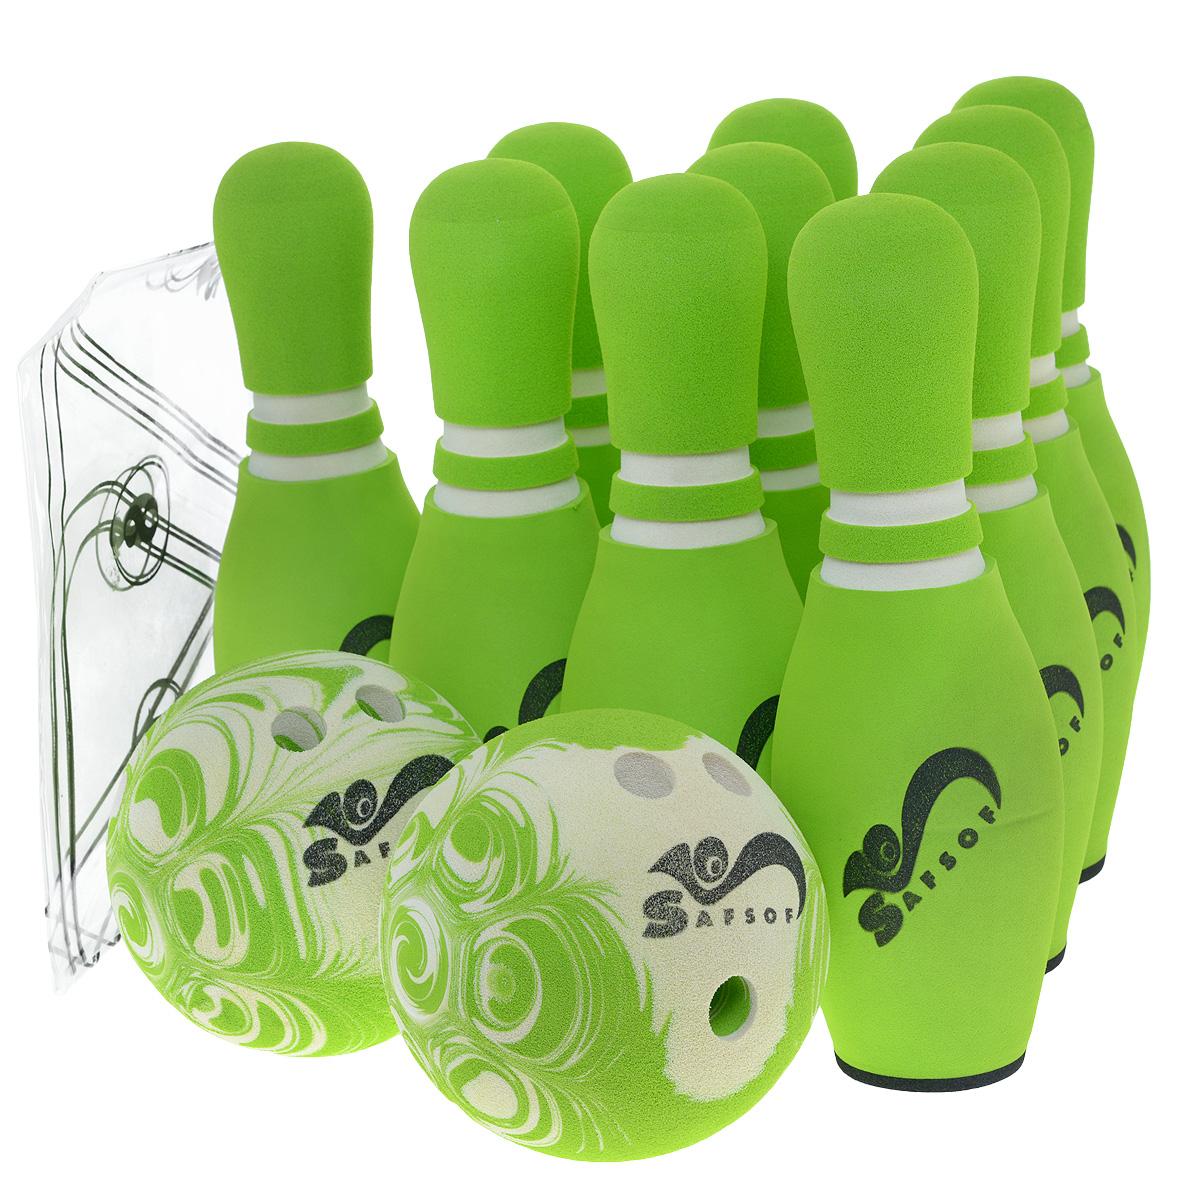 Игровой набор Safsof  Боулинг , цвет: белый, зеленый, диаметр шара 14 см - Игры на открытом воздухе